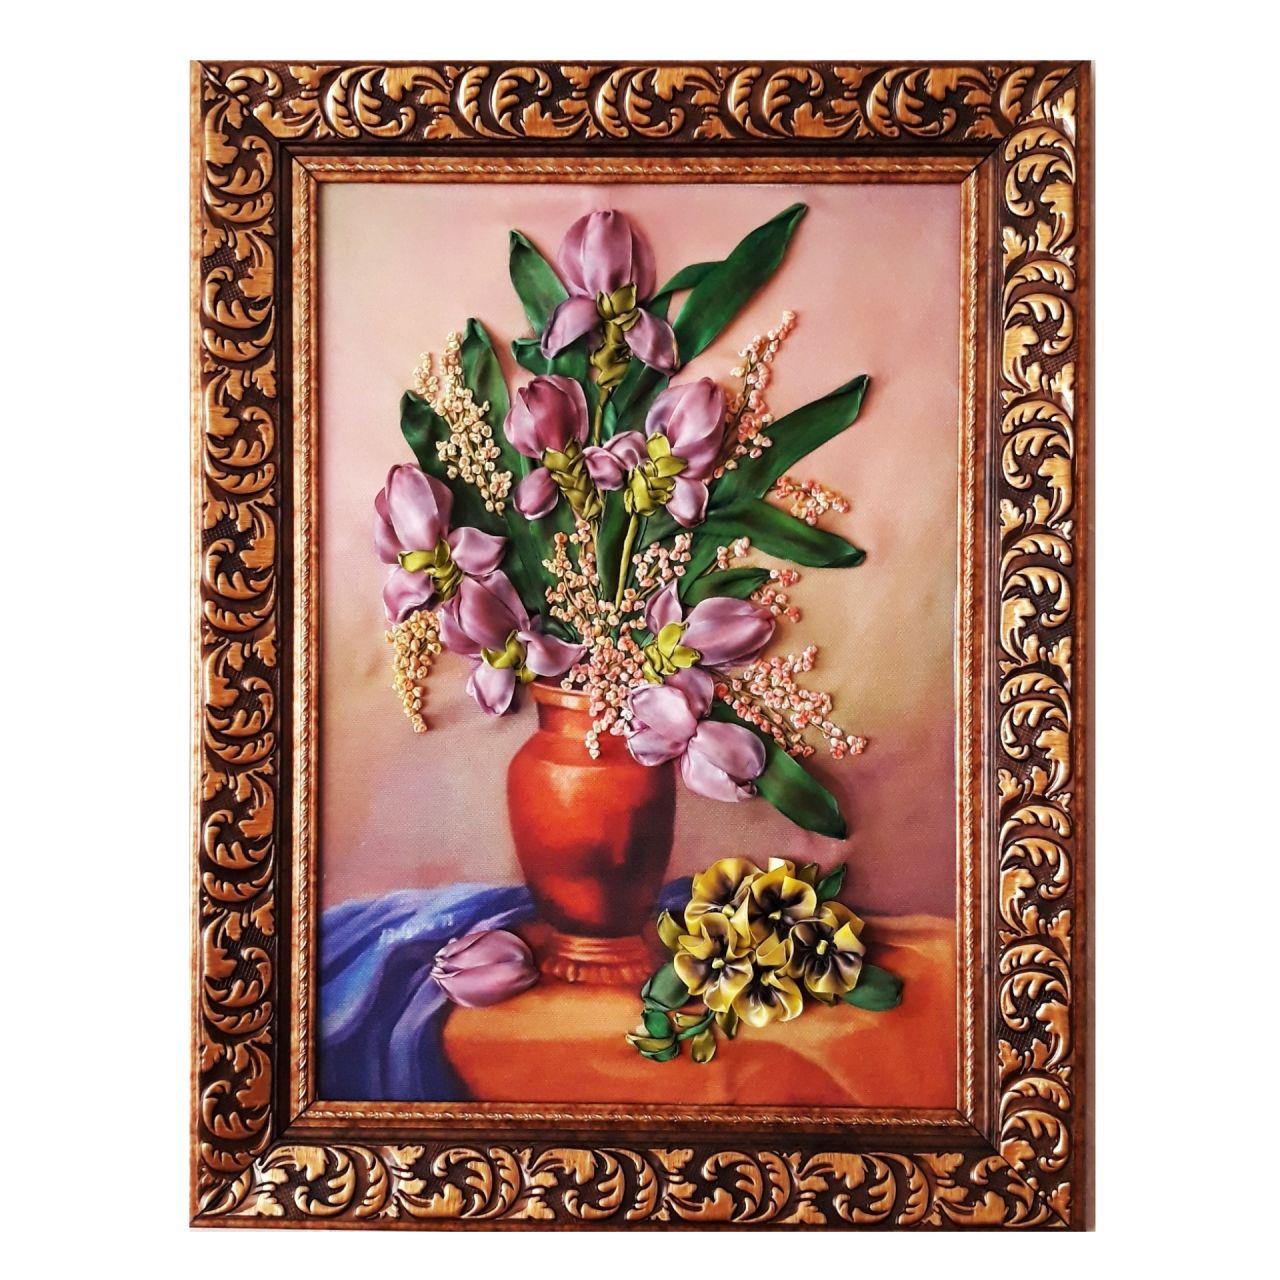 تابلو روبان دوزی مدل گل زنبق کد ۰۰۱